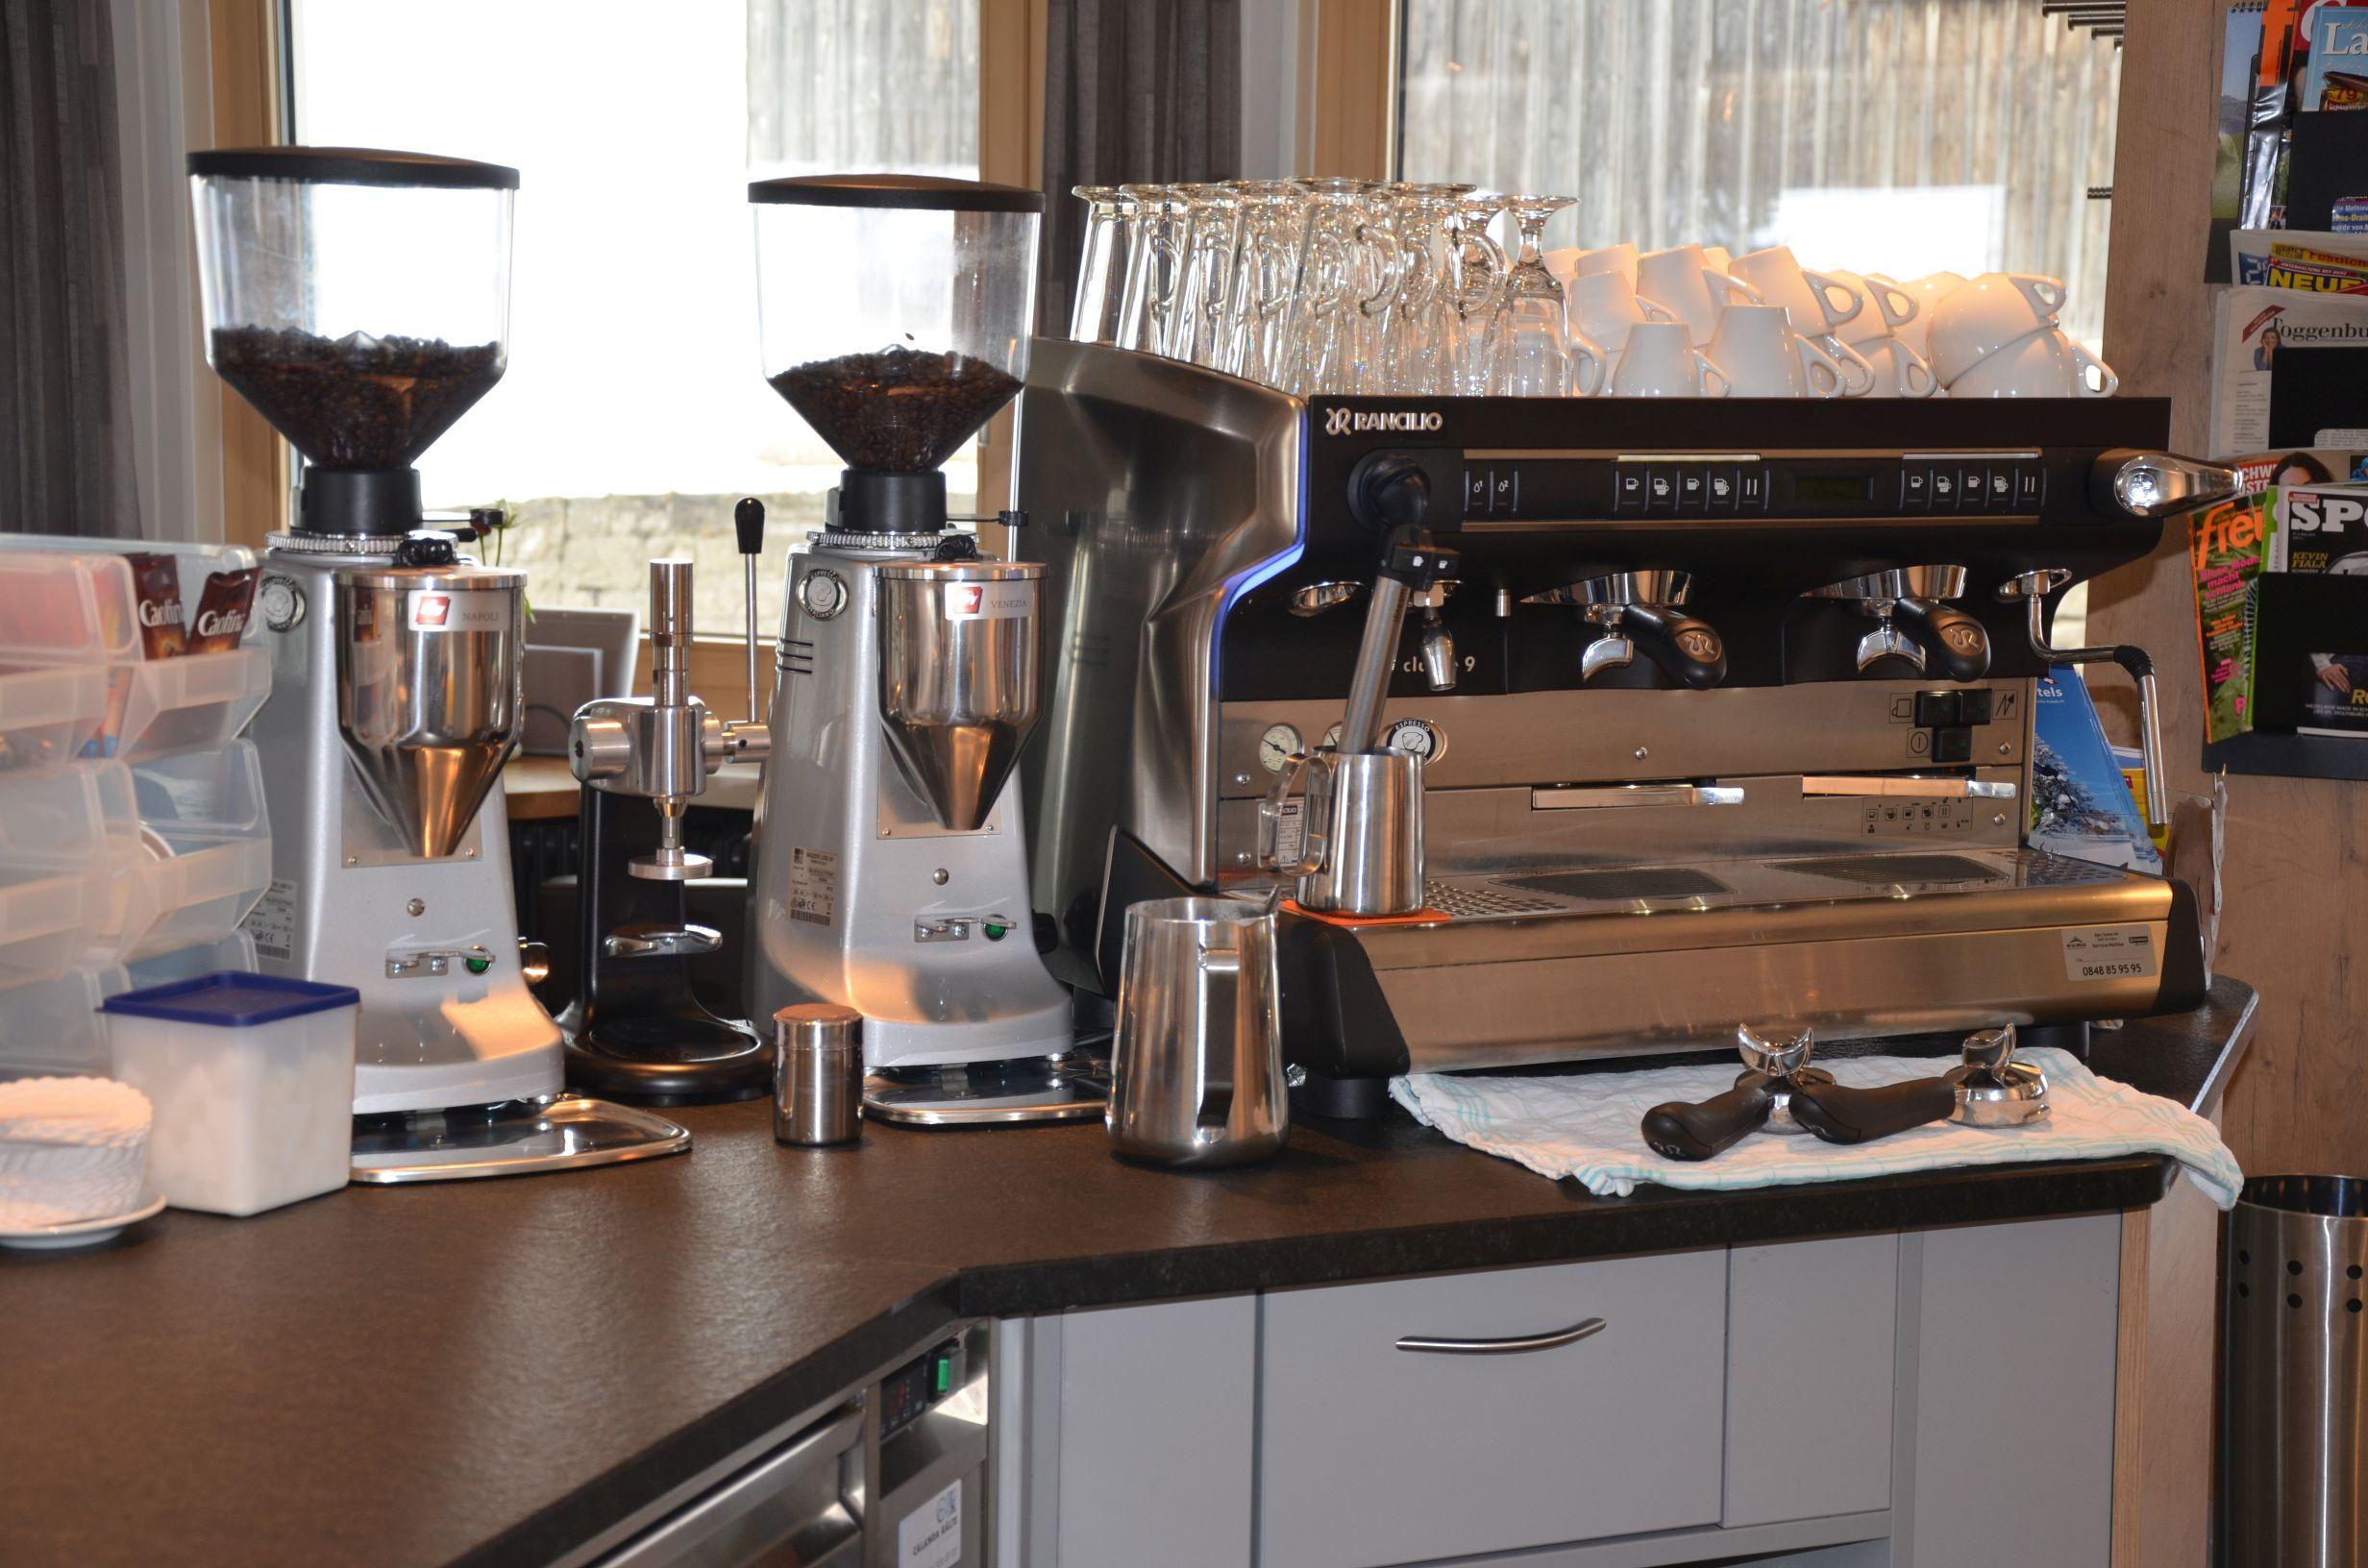 Café053